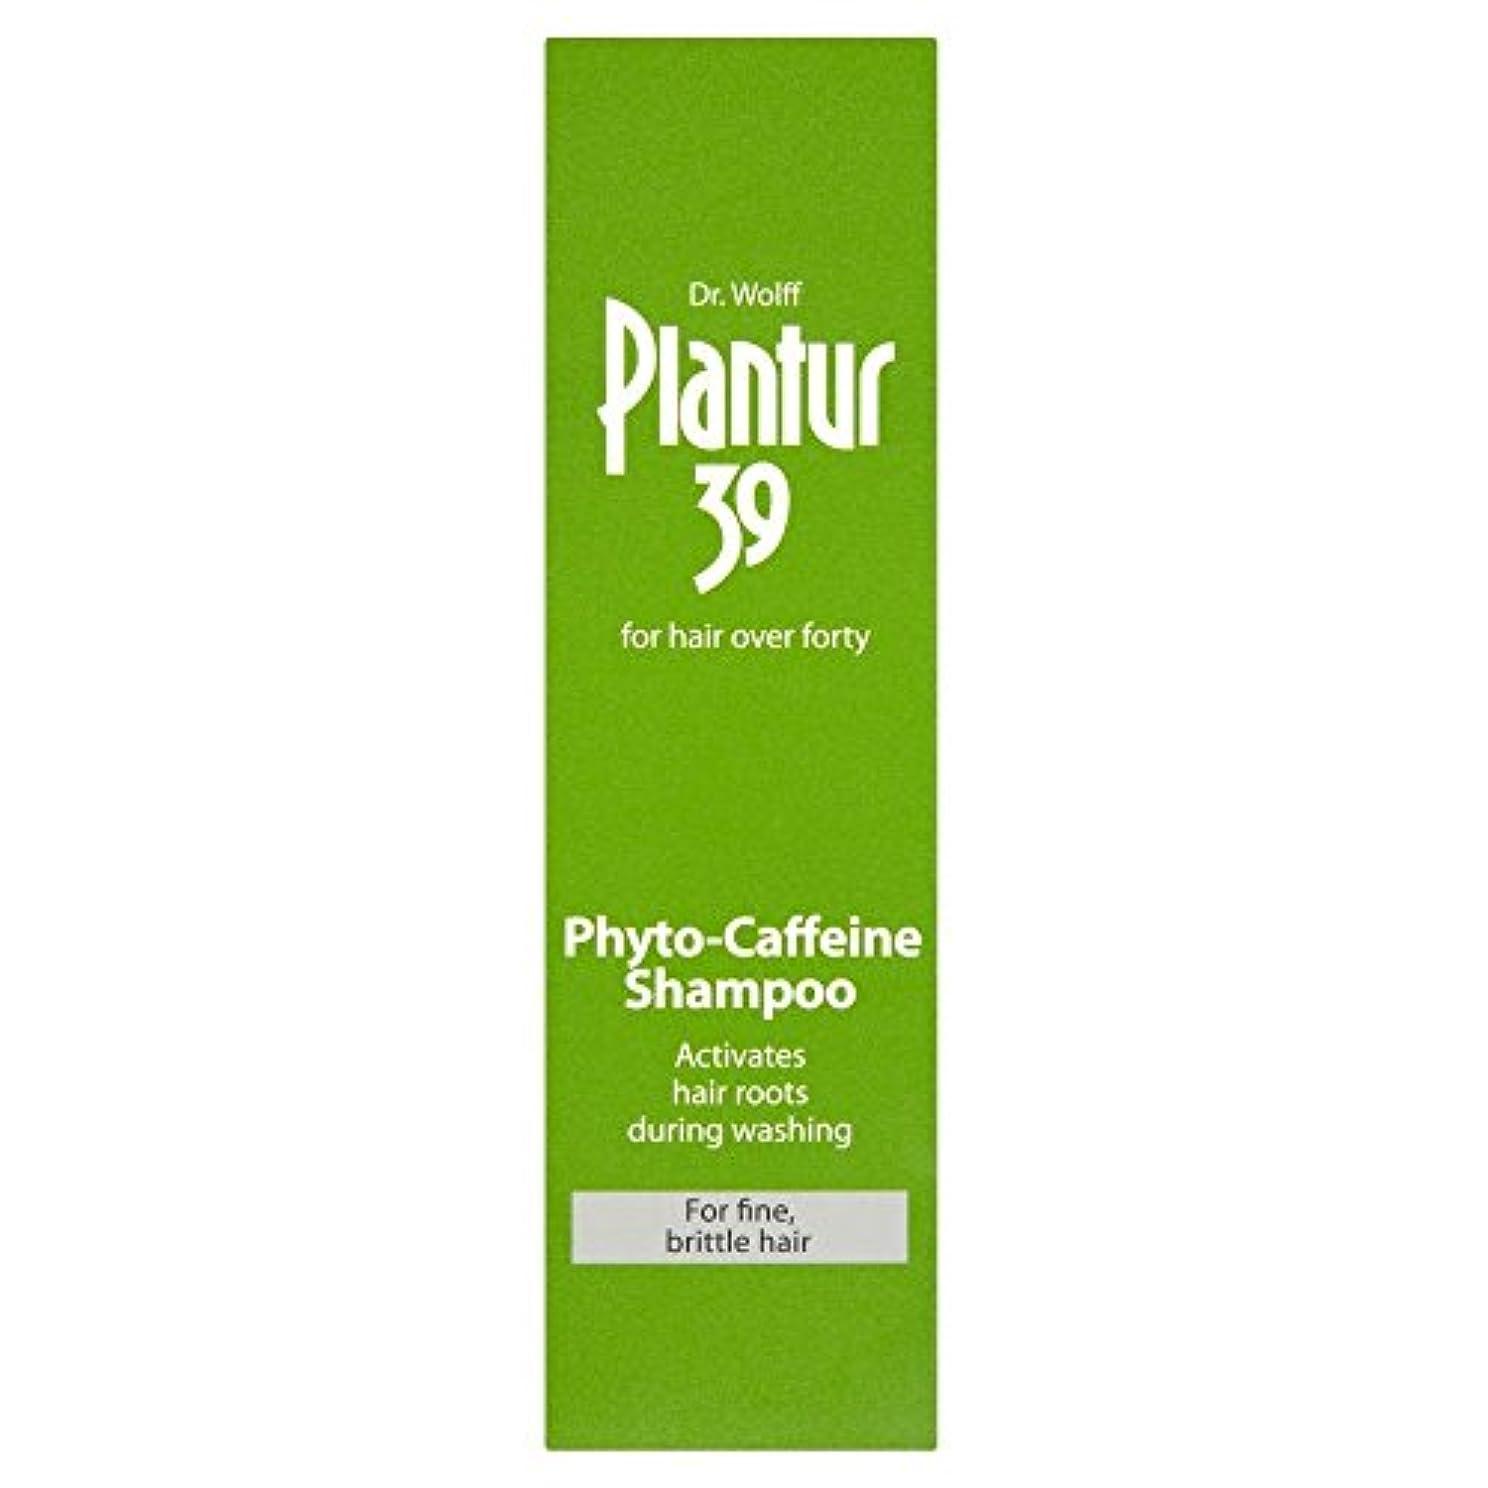 遺跡系統的スコットランド人Plantur 39 Phyto Caffeine Shampoo for Coloured & Stressed Hair (250ml) 色や髪を強調した( 250ミリリットル)のための39フィトのカフェインシャンプー...